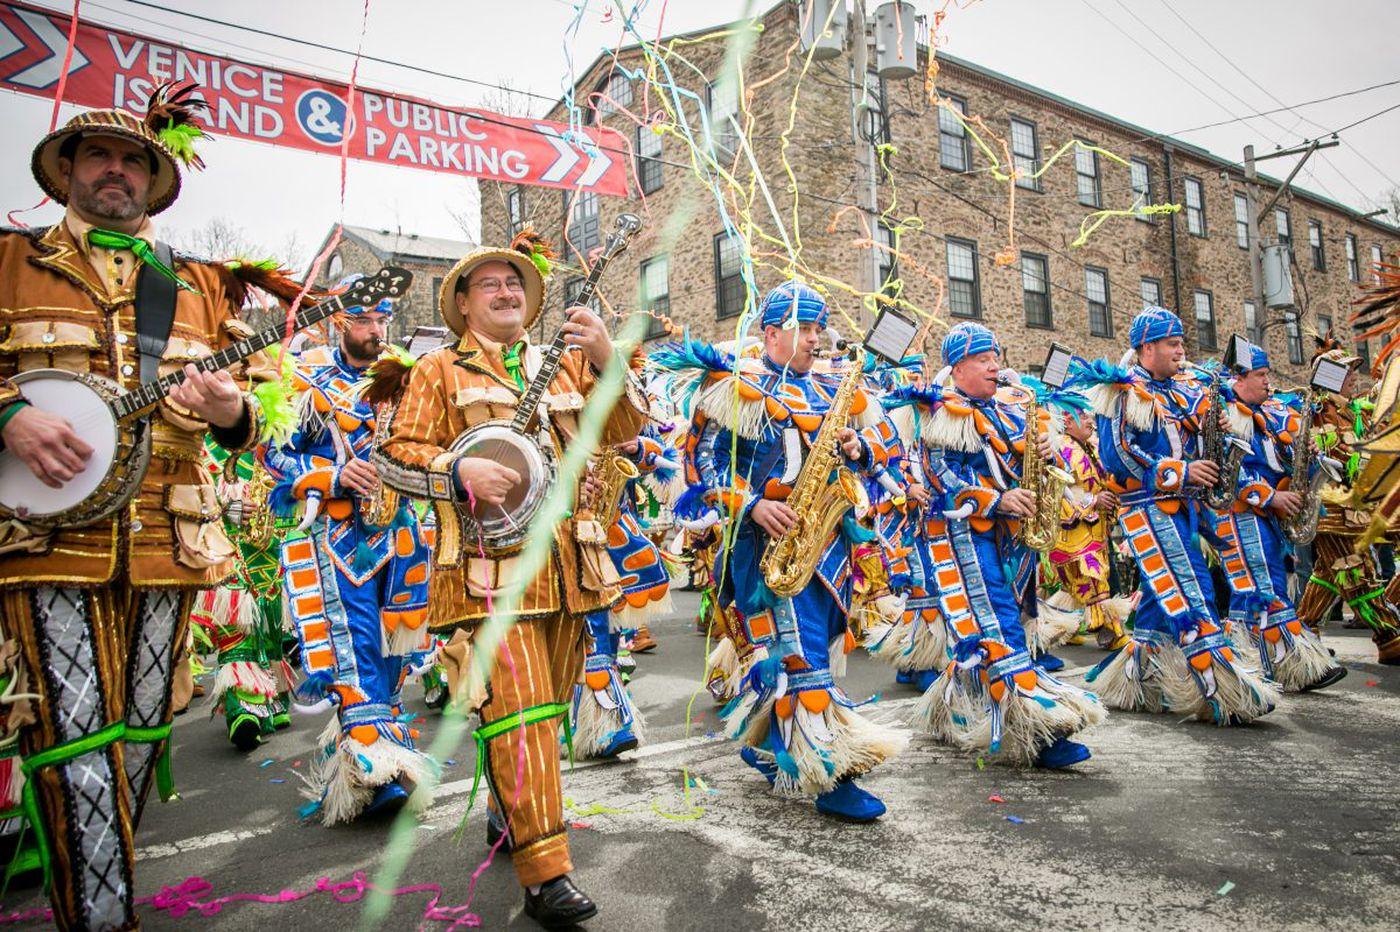 How to celebrate Mardi Gras in Philadelphia